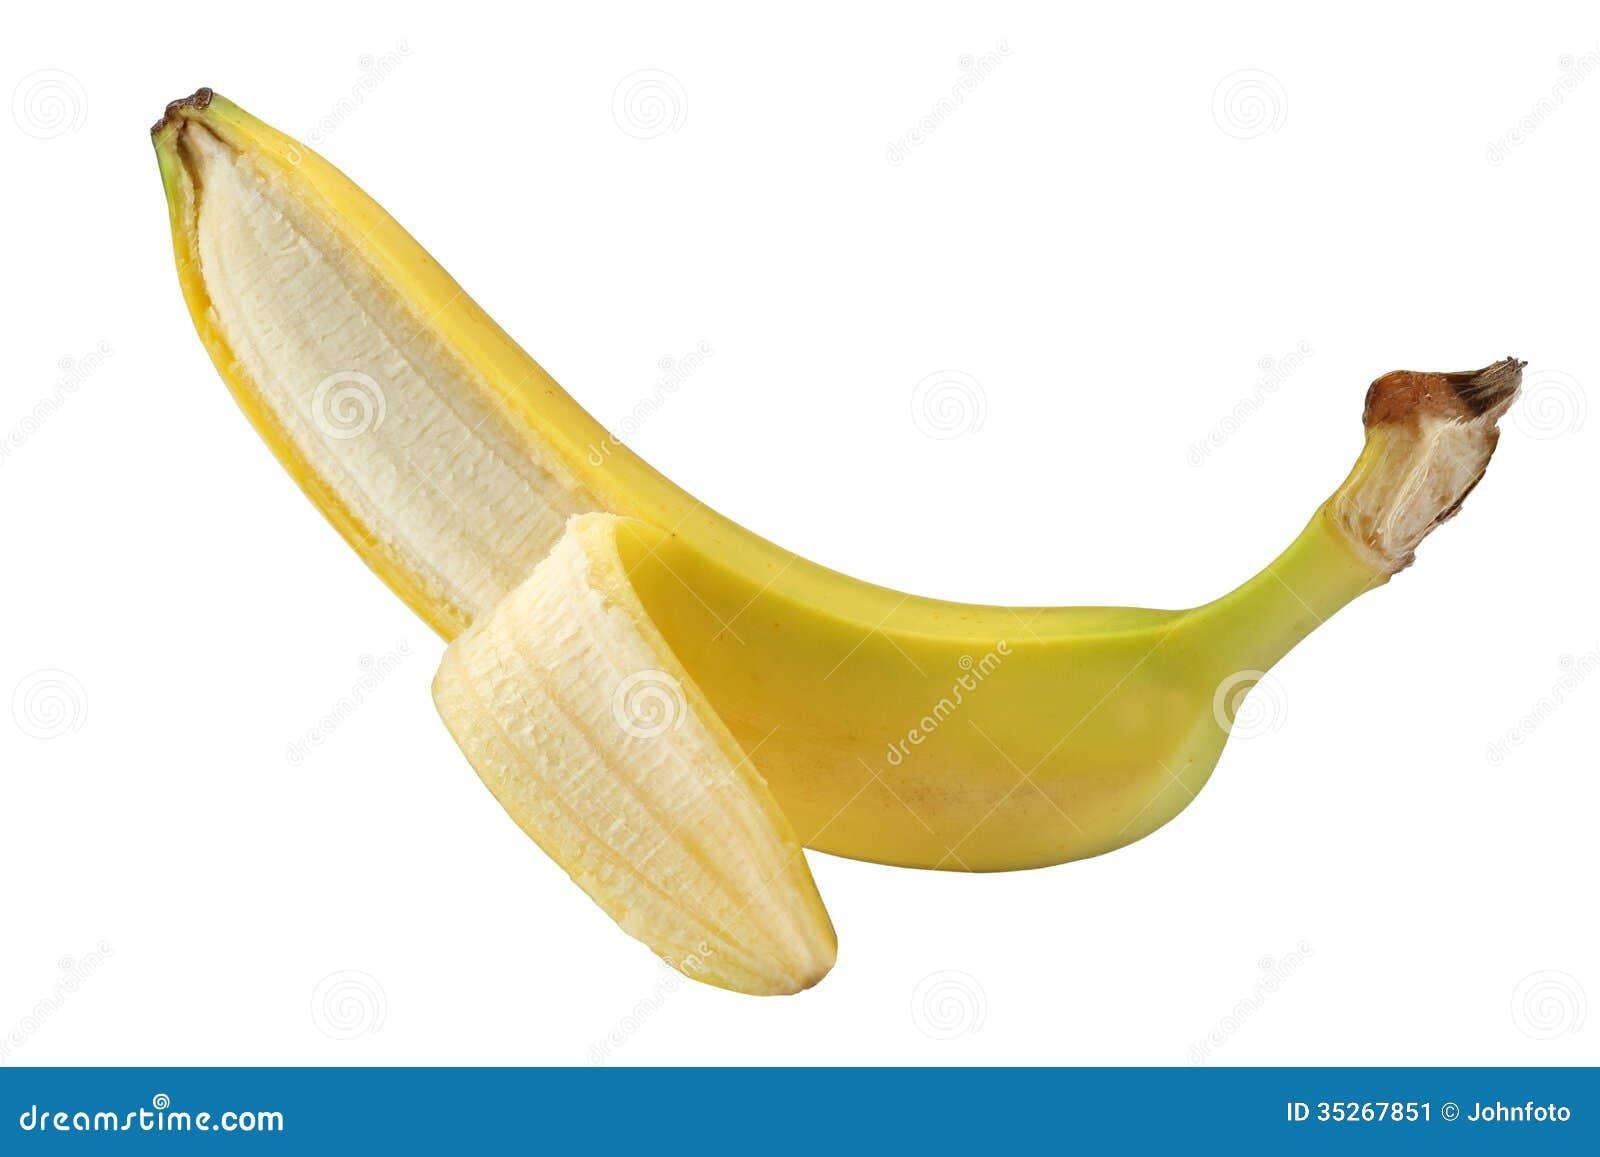 banana stock image image 35267851. Black Bedroom Furniture Sets. Home Design Ideas